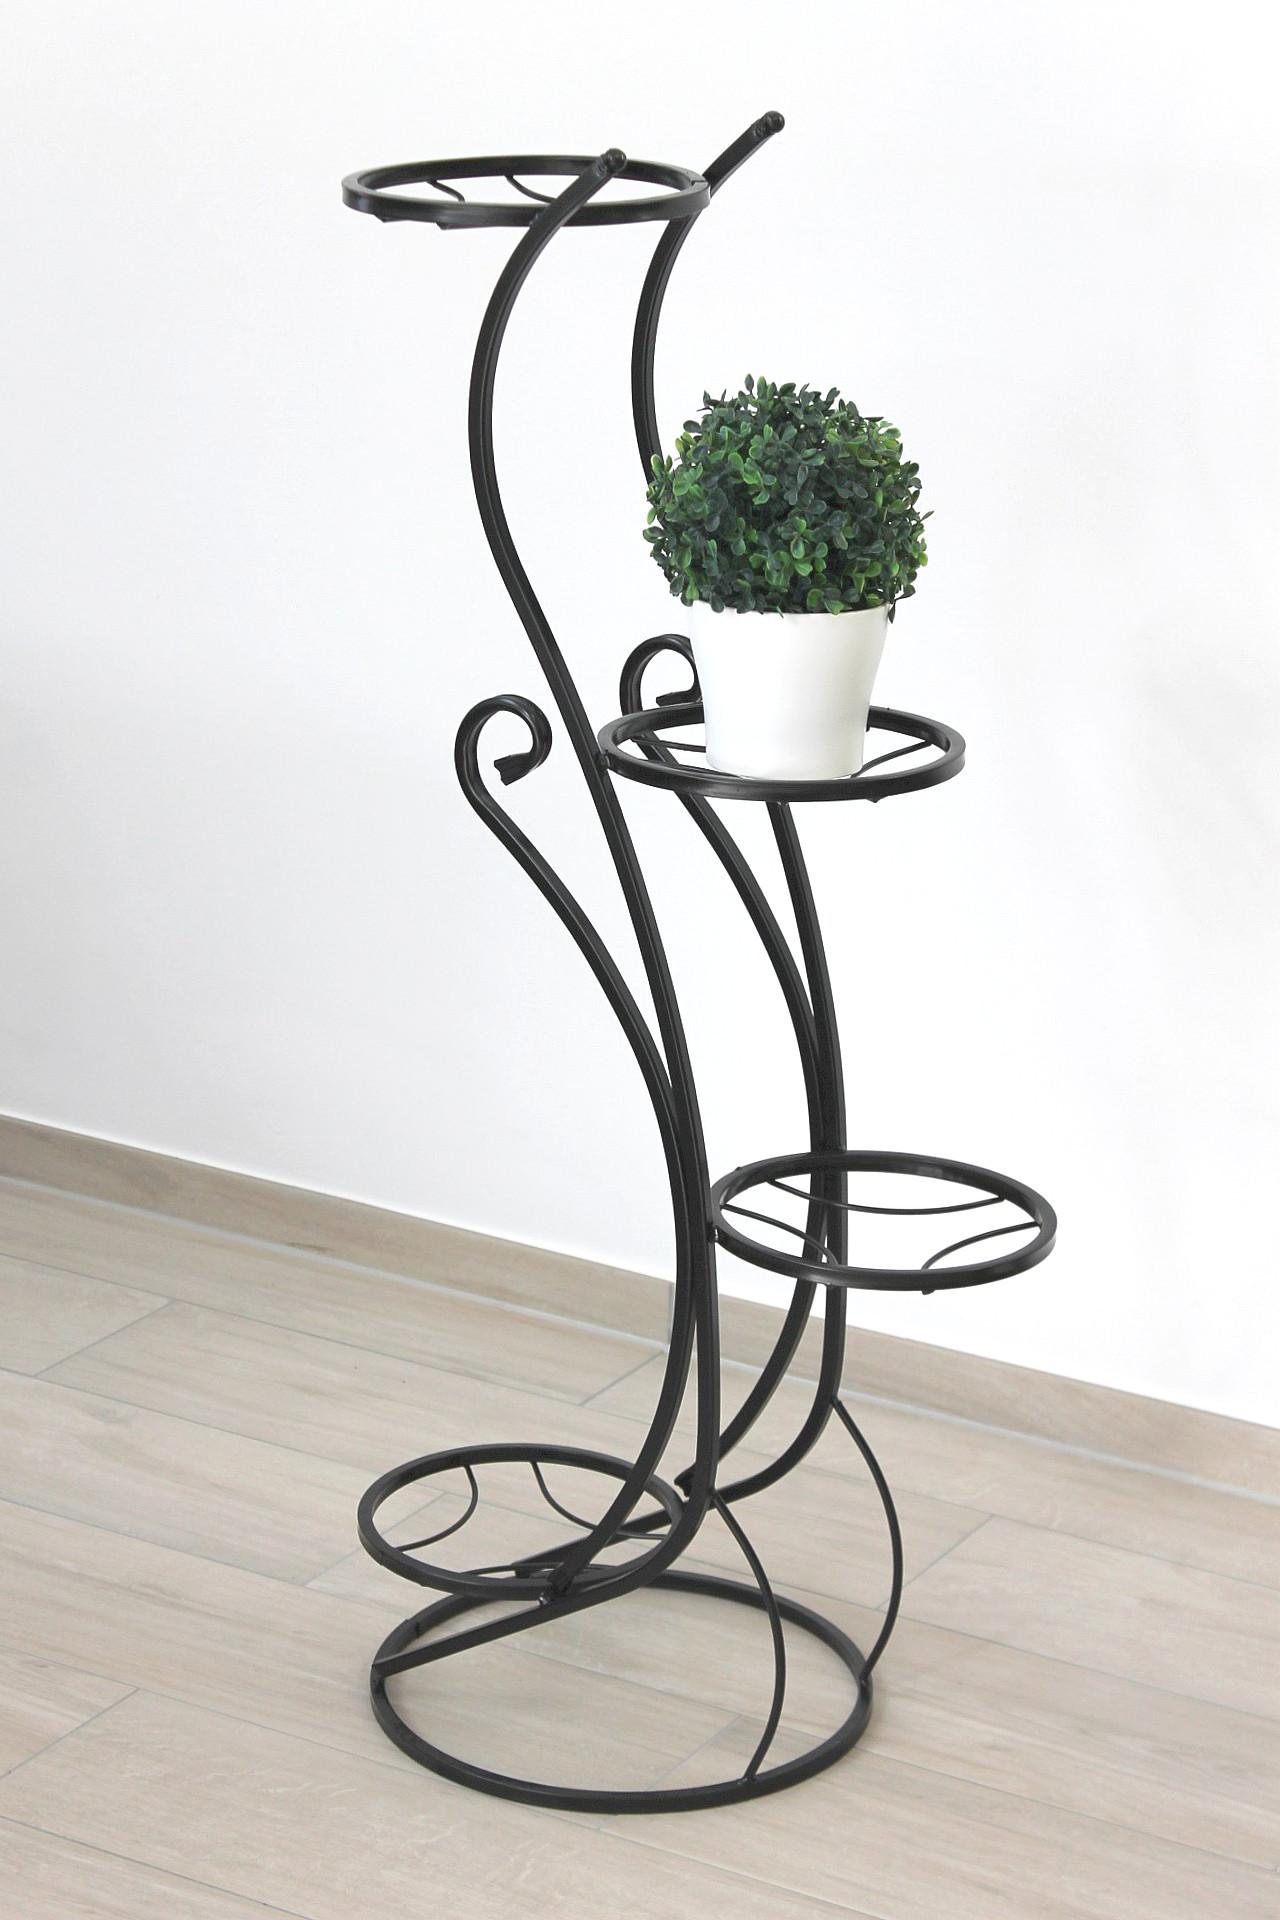 blumenst nder blumens ule sehr stabil und dekorativ aus metall geschmiedet und aufw ndig. Black Bedroom Furniture Sets. Home Design Ideas